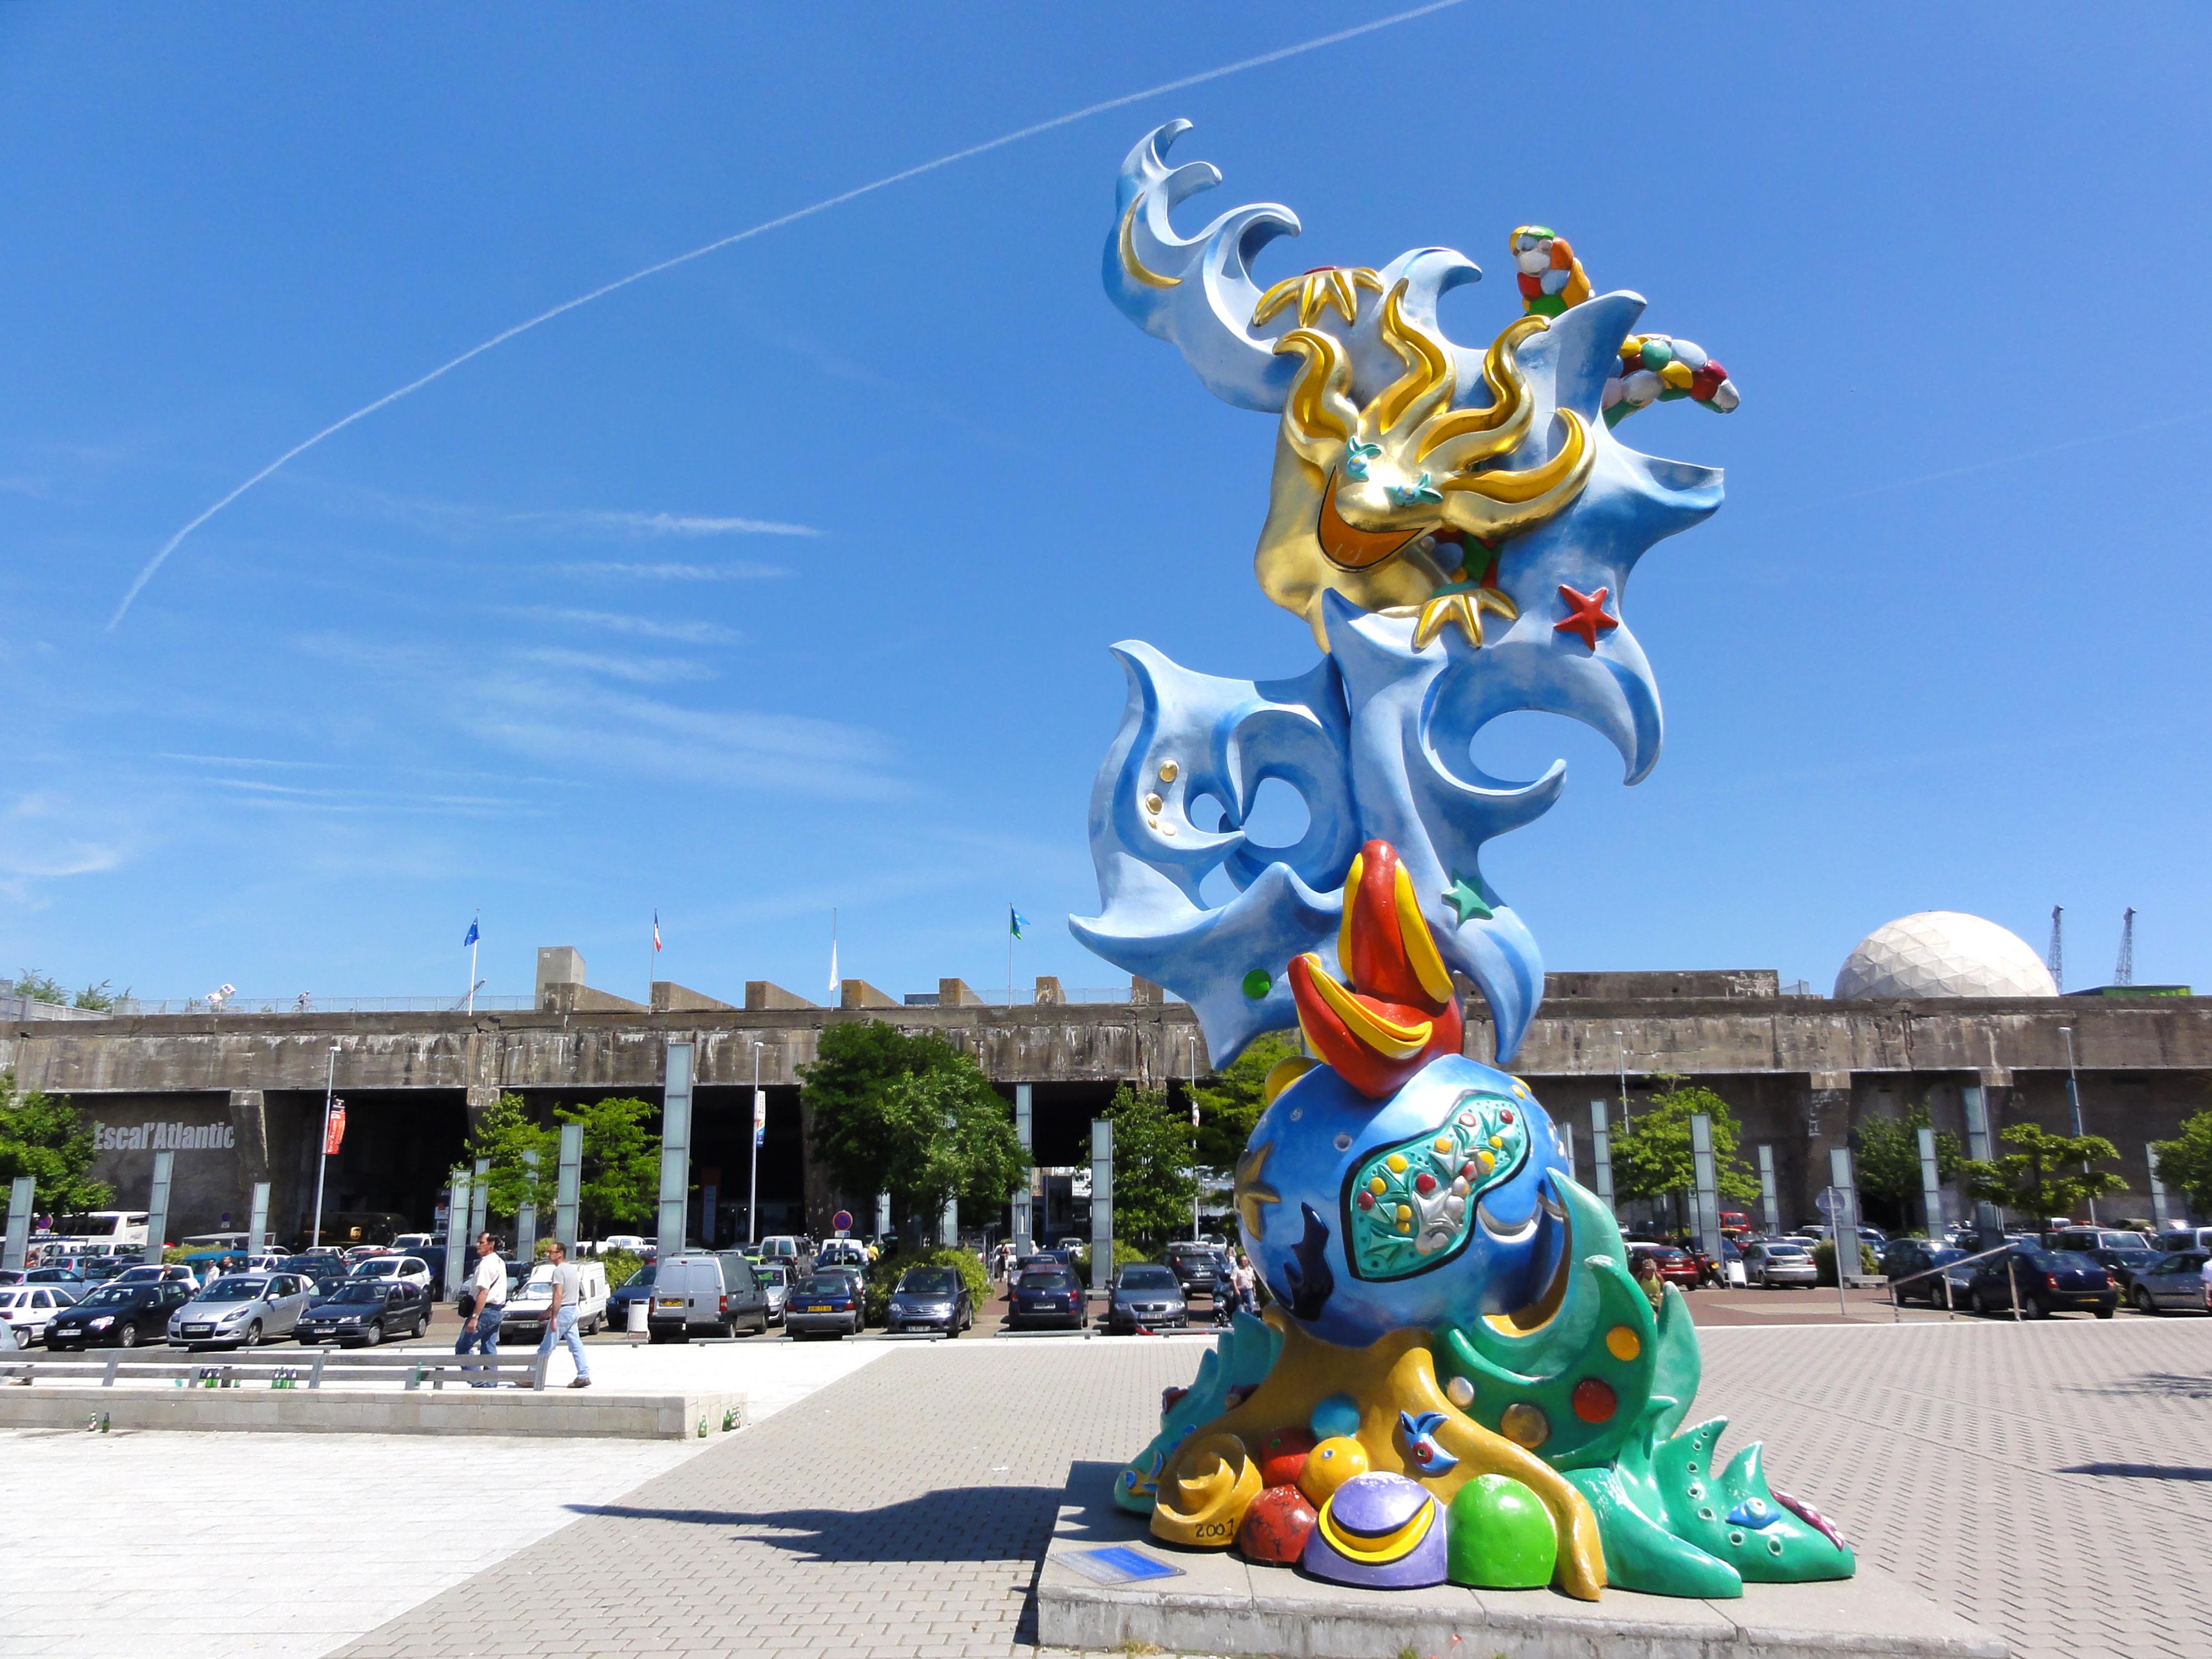 Statue de la Sirene de fédérica mata sur la place de l'Amérique latine